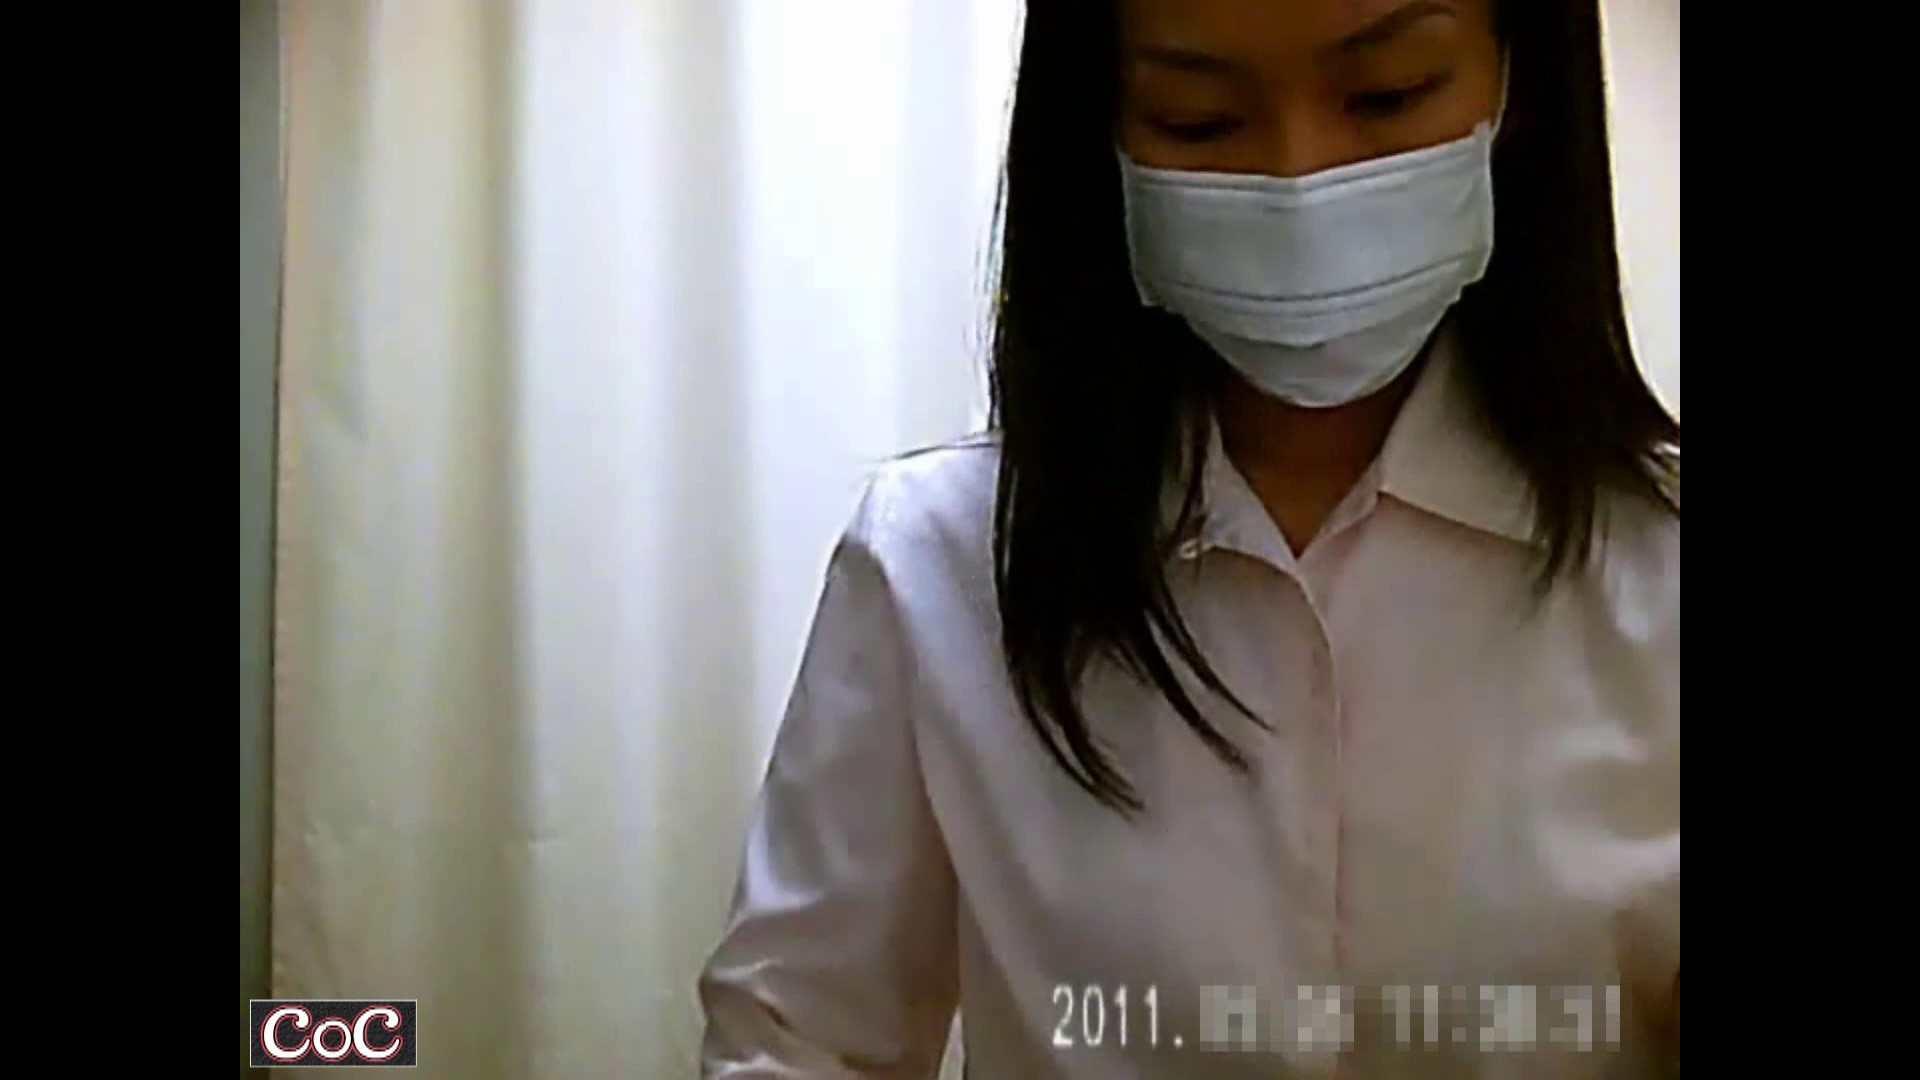 病院おもいっきり着替え! vol.144 チクビ すけべAV動画紹介 106画像 51